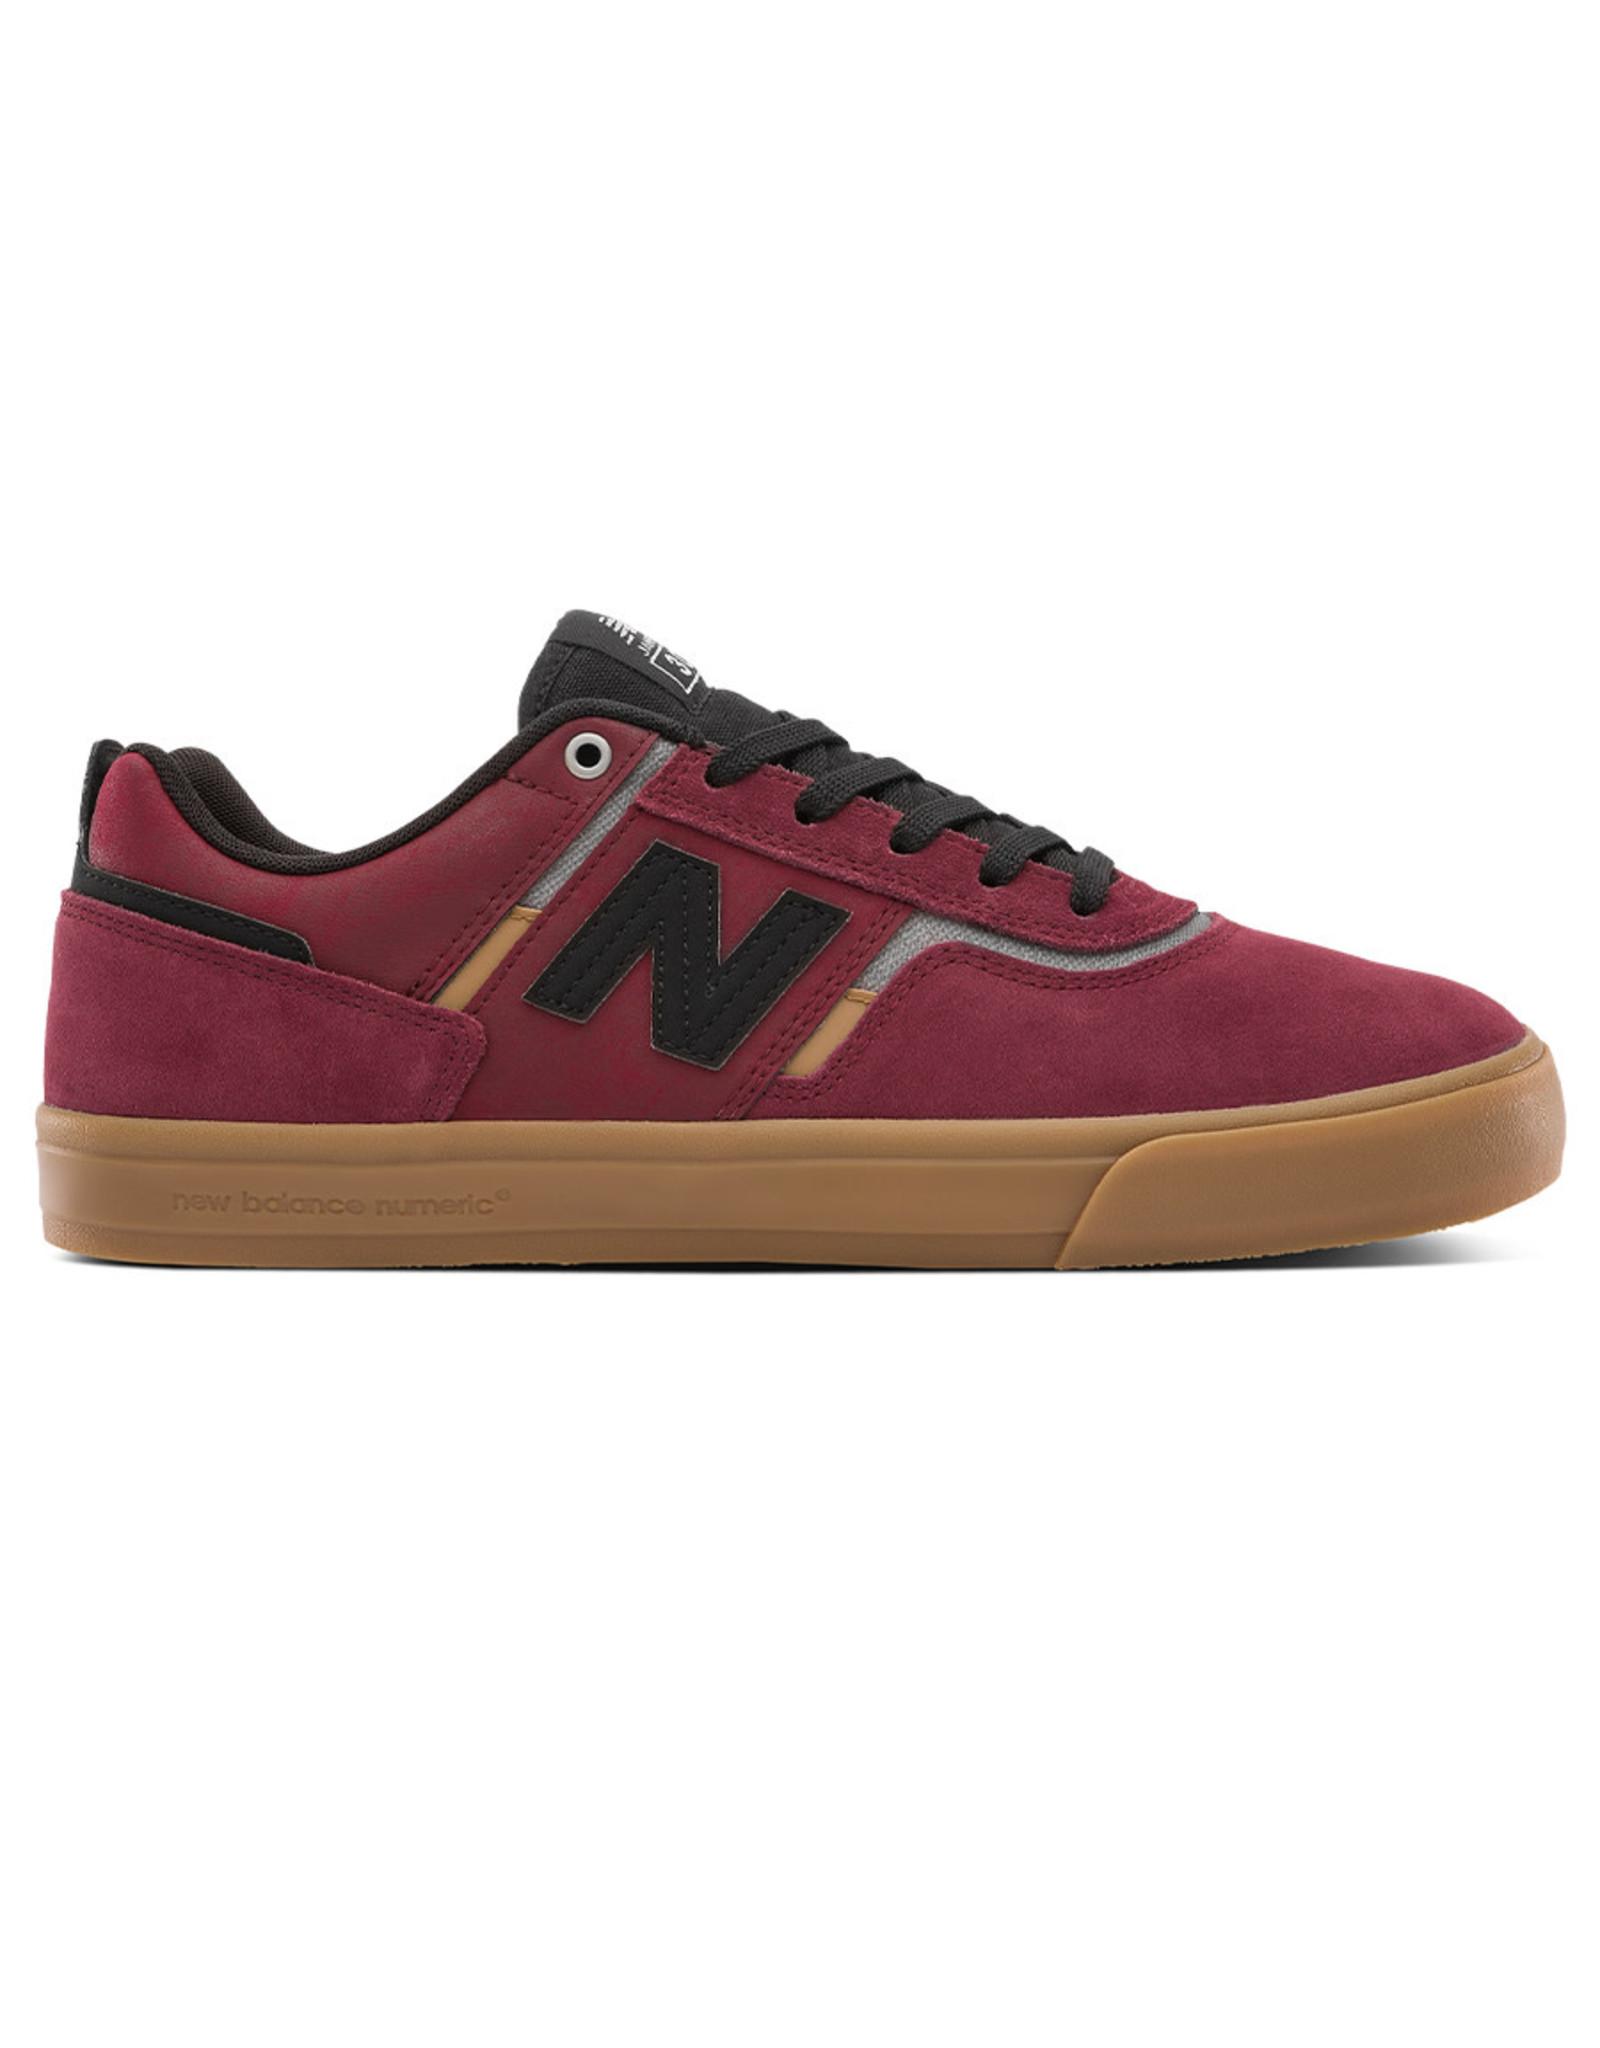 New Balance Numeric New Balance Numeric Shoe 306 Jamie Foy (Burgundy/Gum)